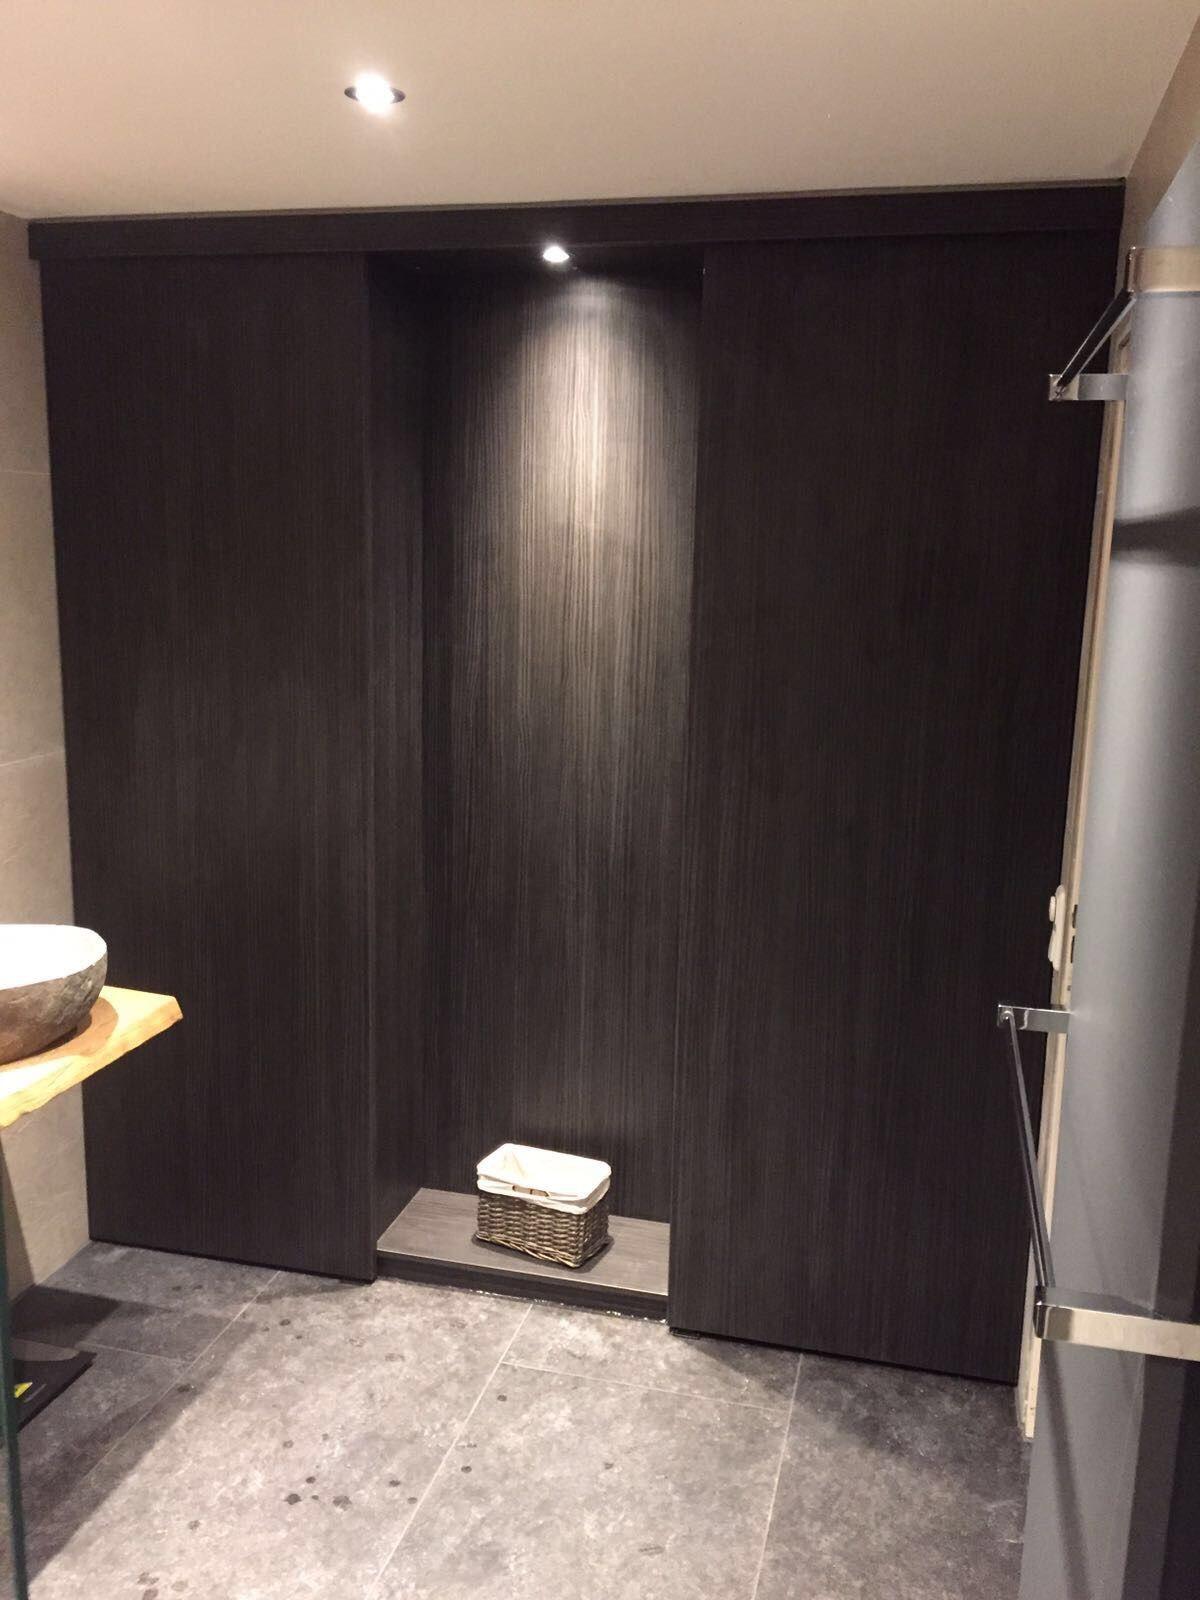 Inbouw kasten in de badkamer door Van Manen Badkamers te Barneveld ...